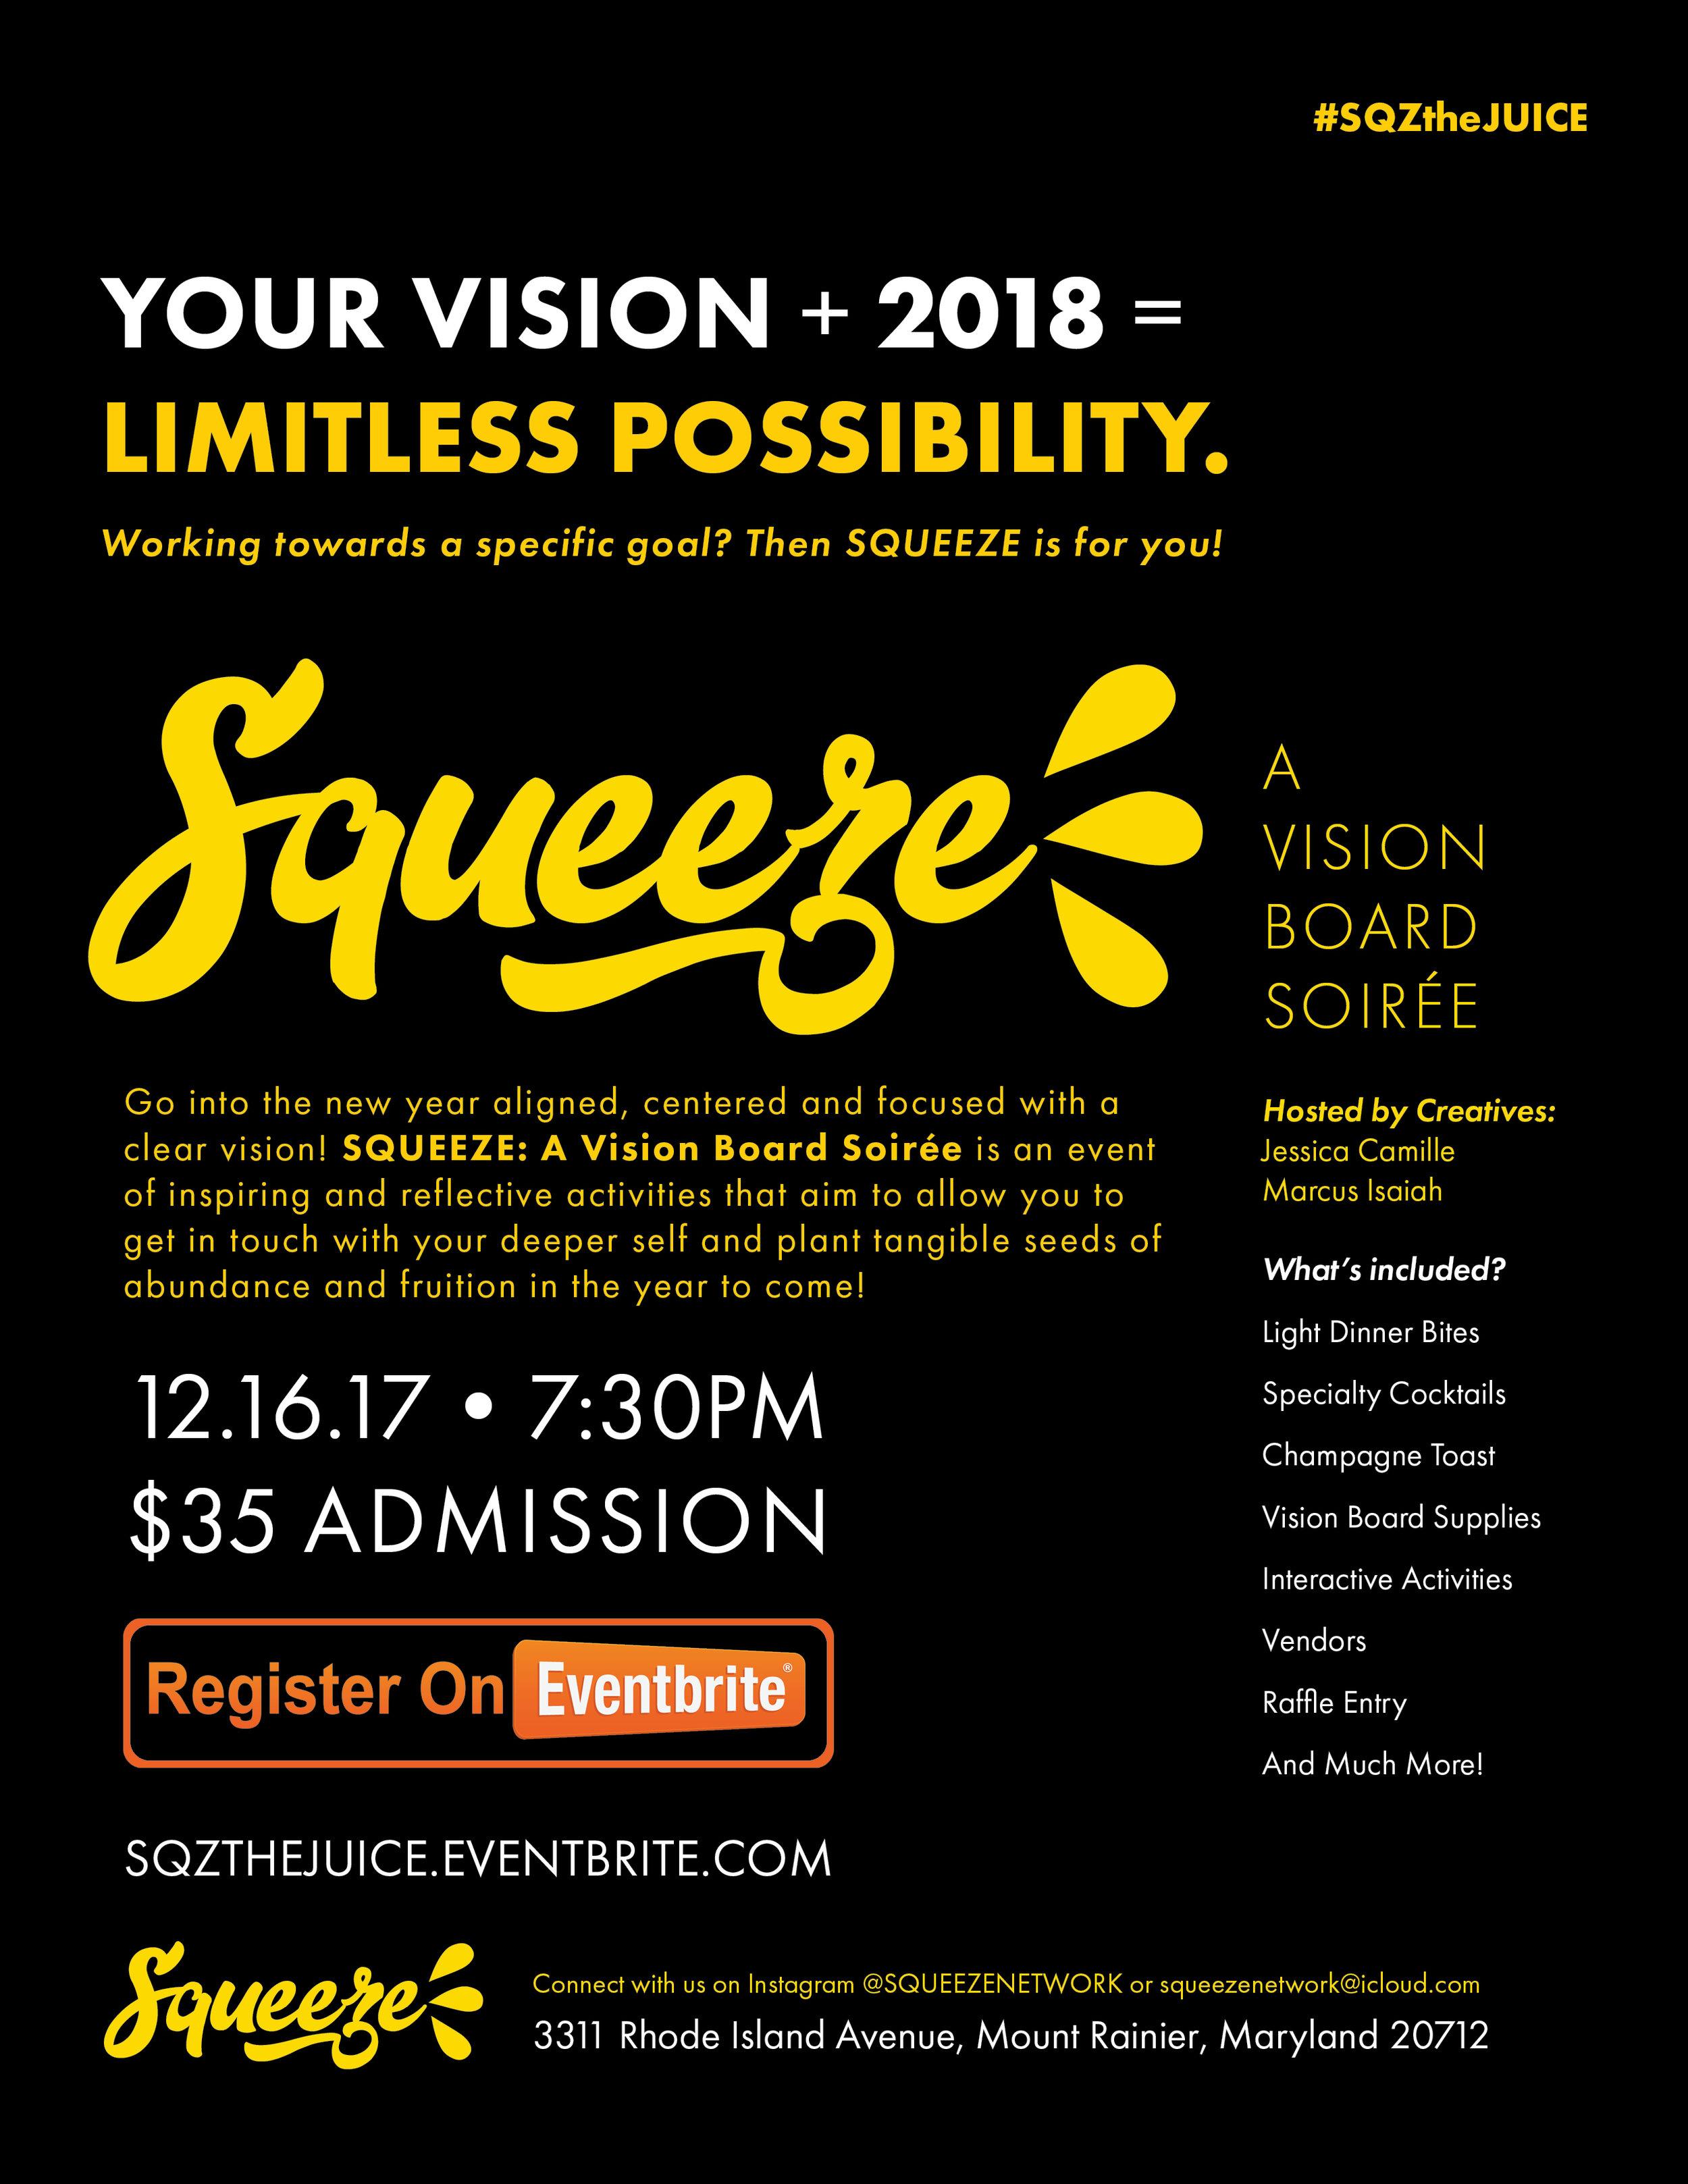 SqueezeFlier-2017-websiteportfolio.jpg